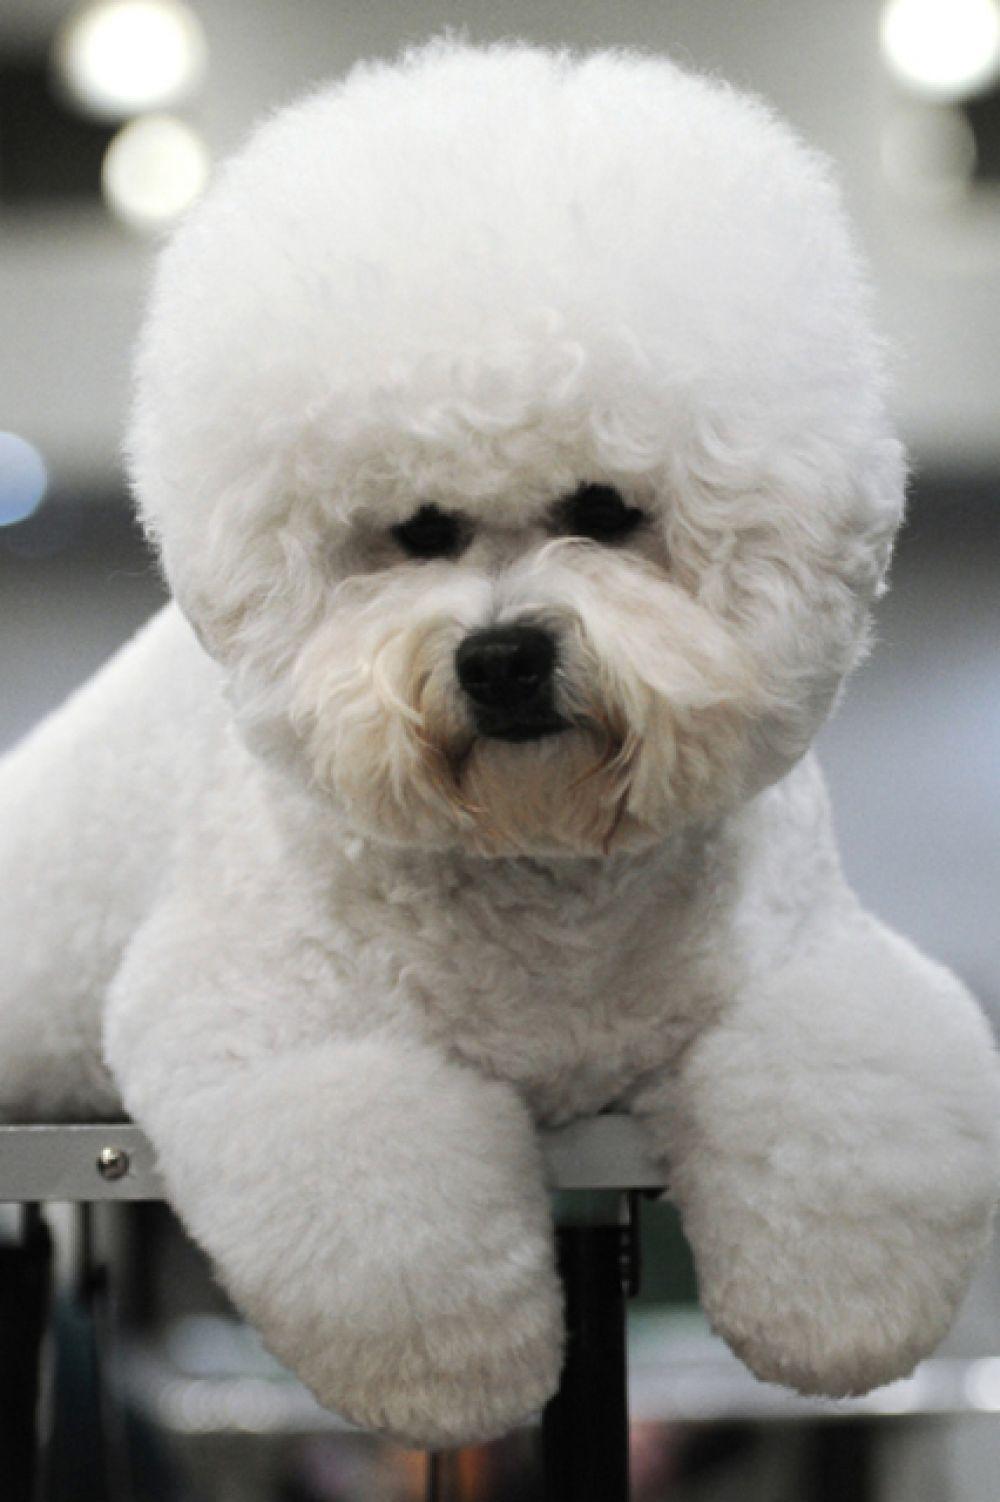 В декабре также состоялось шоу чемпионов российской кинологической федерации «Золотой ошейник 2013». На фото: собака породы бишон фризе.